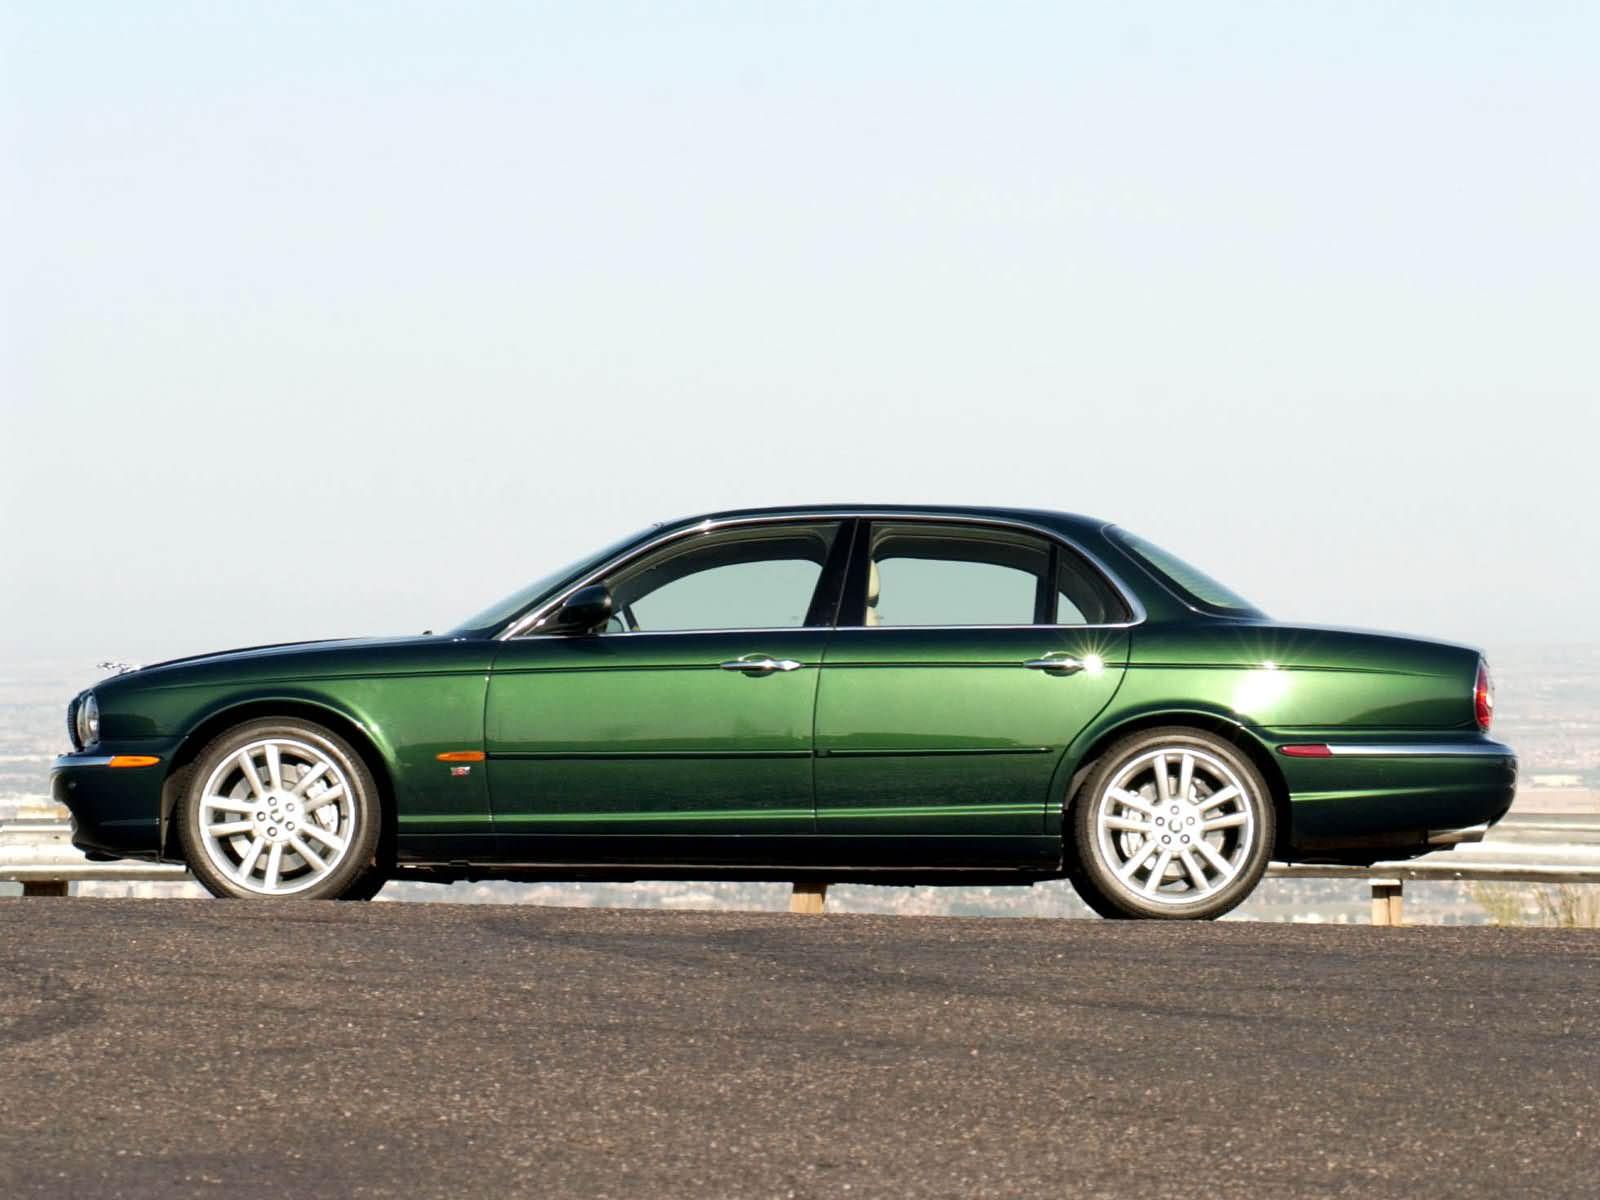 Jaguar xjr photo 3910